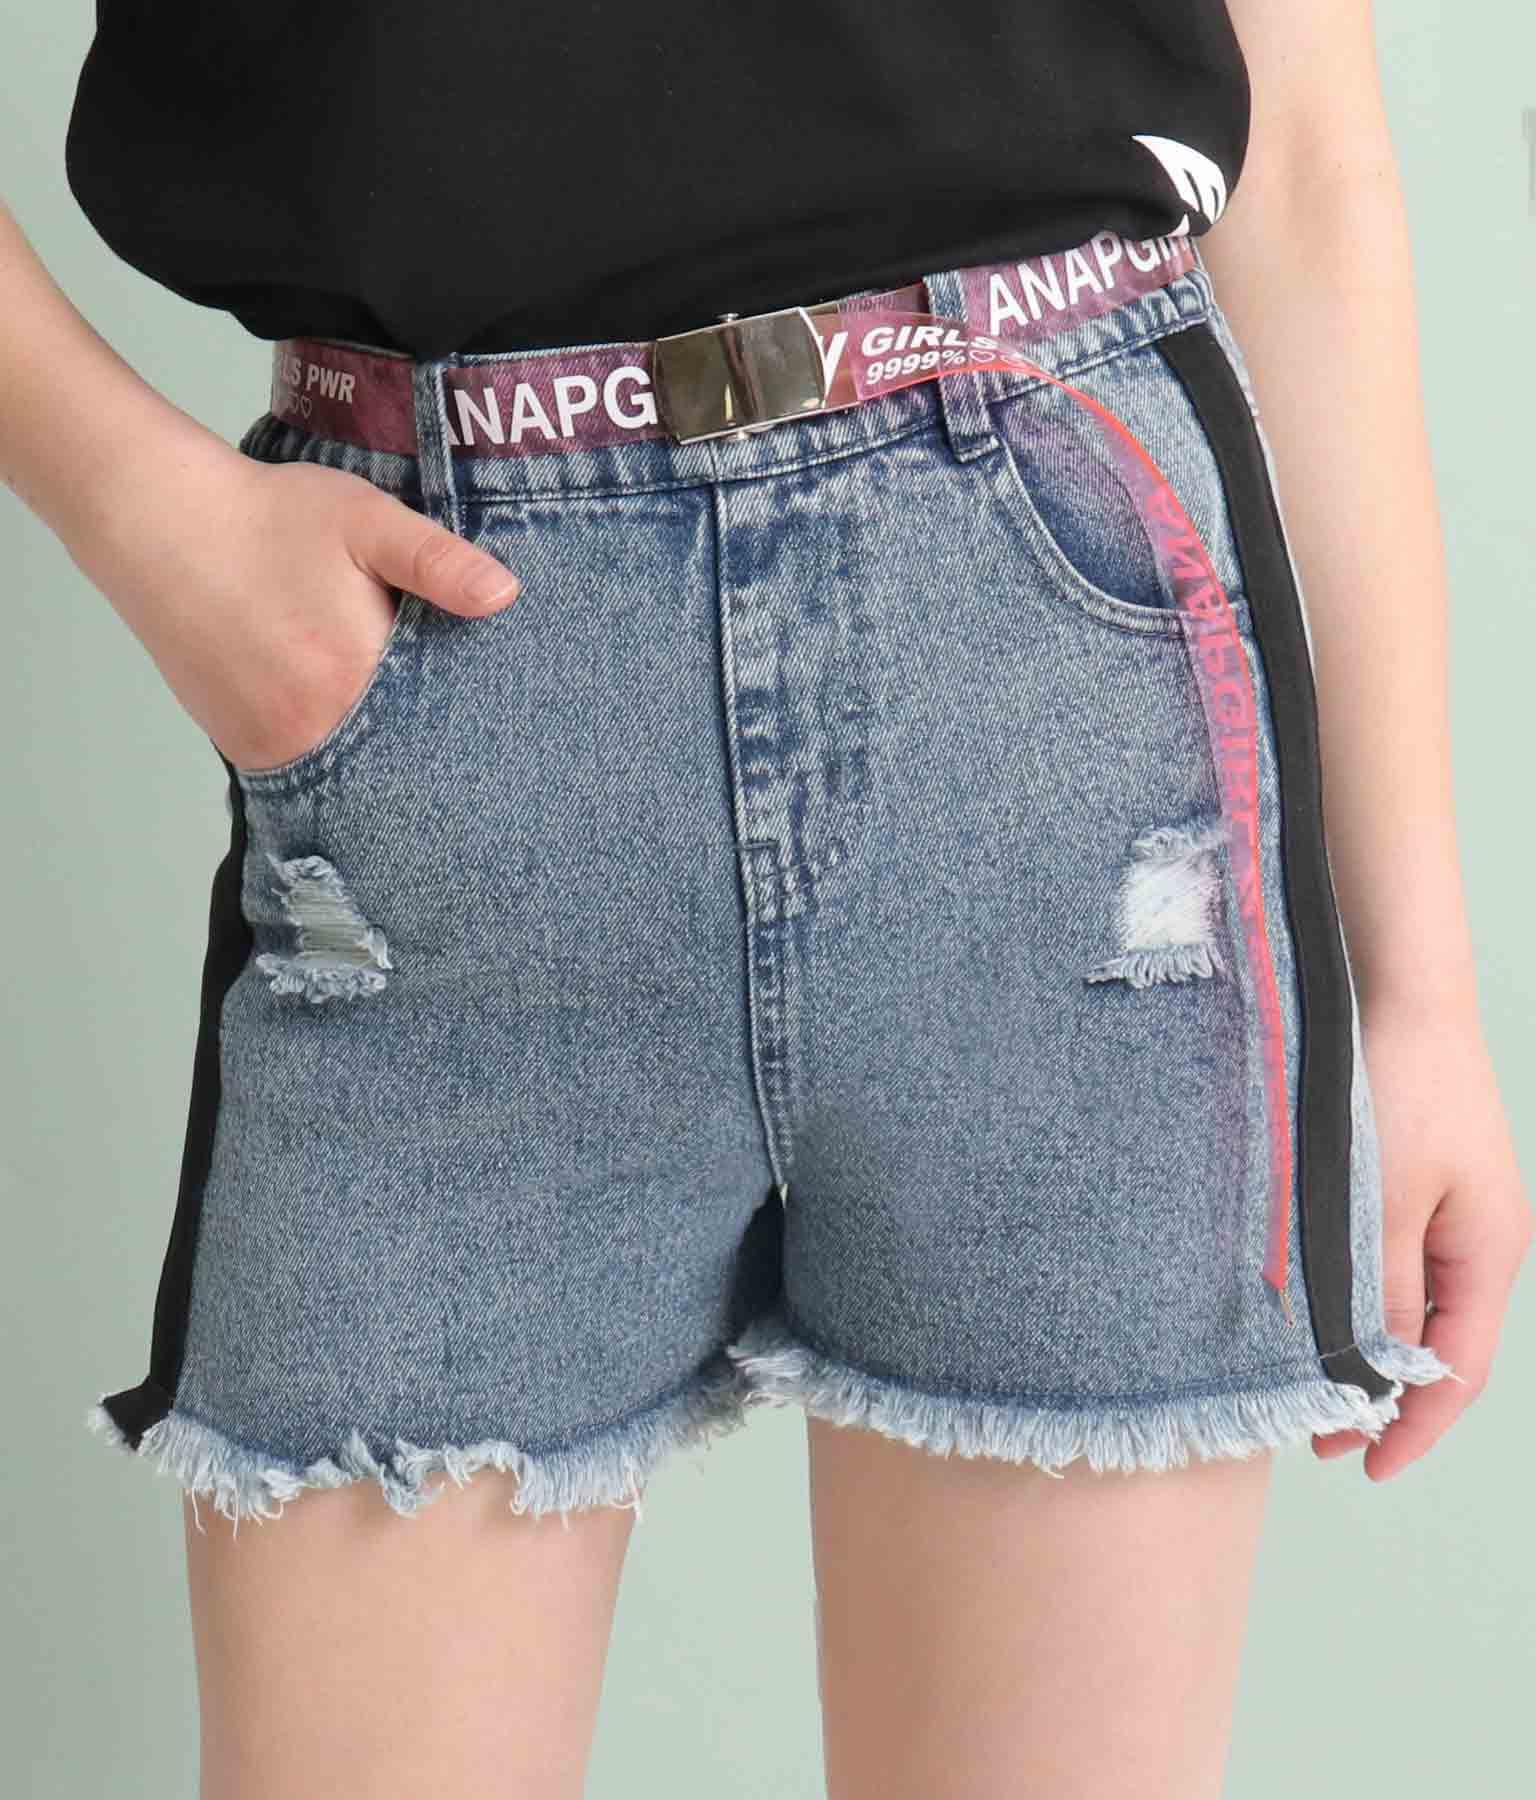 ロゴクリアガチャベルト(ファッション雑貨/ベルト) | ANAP GiRL